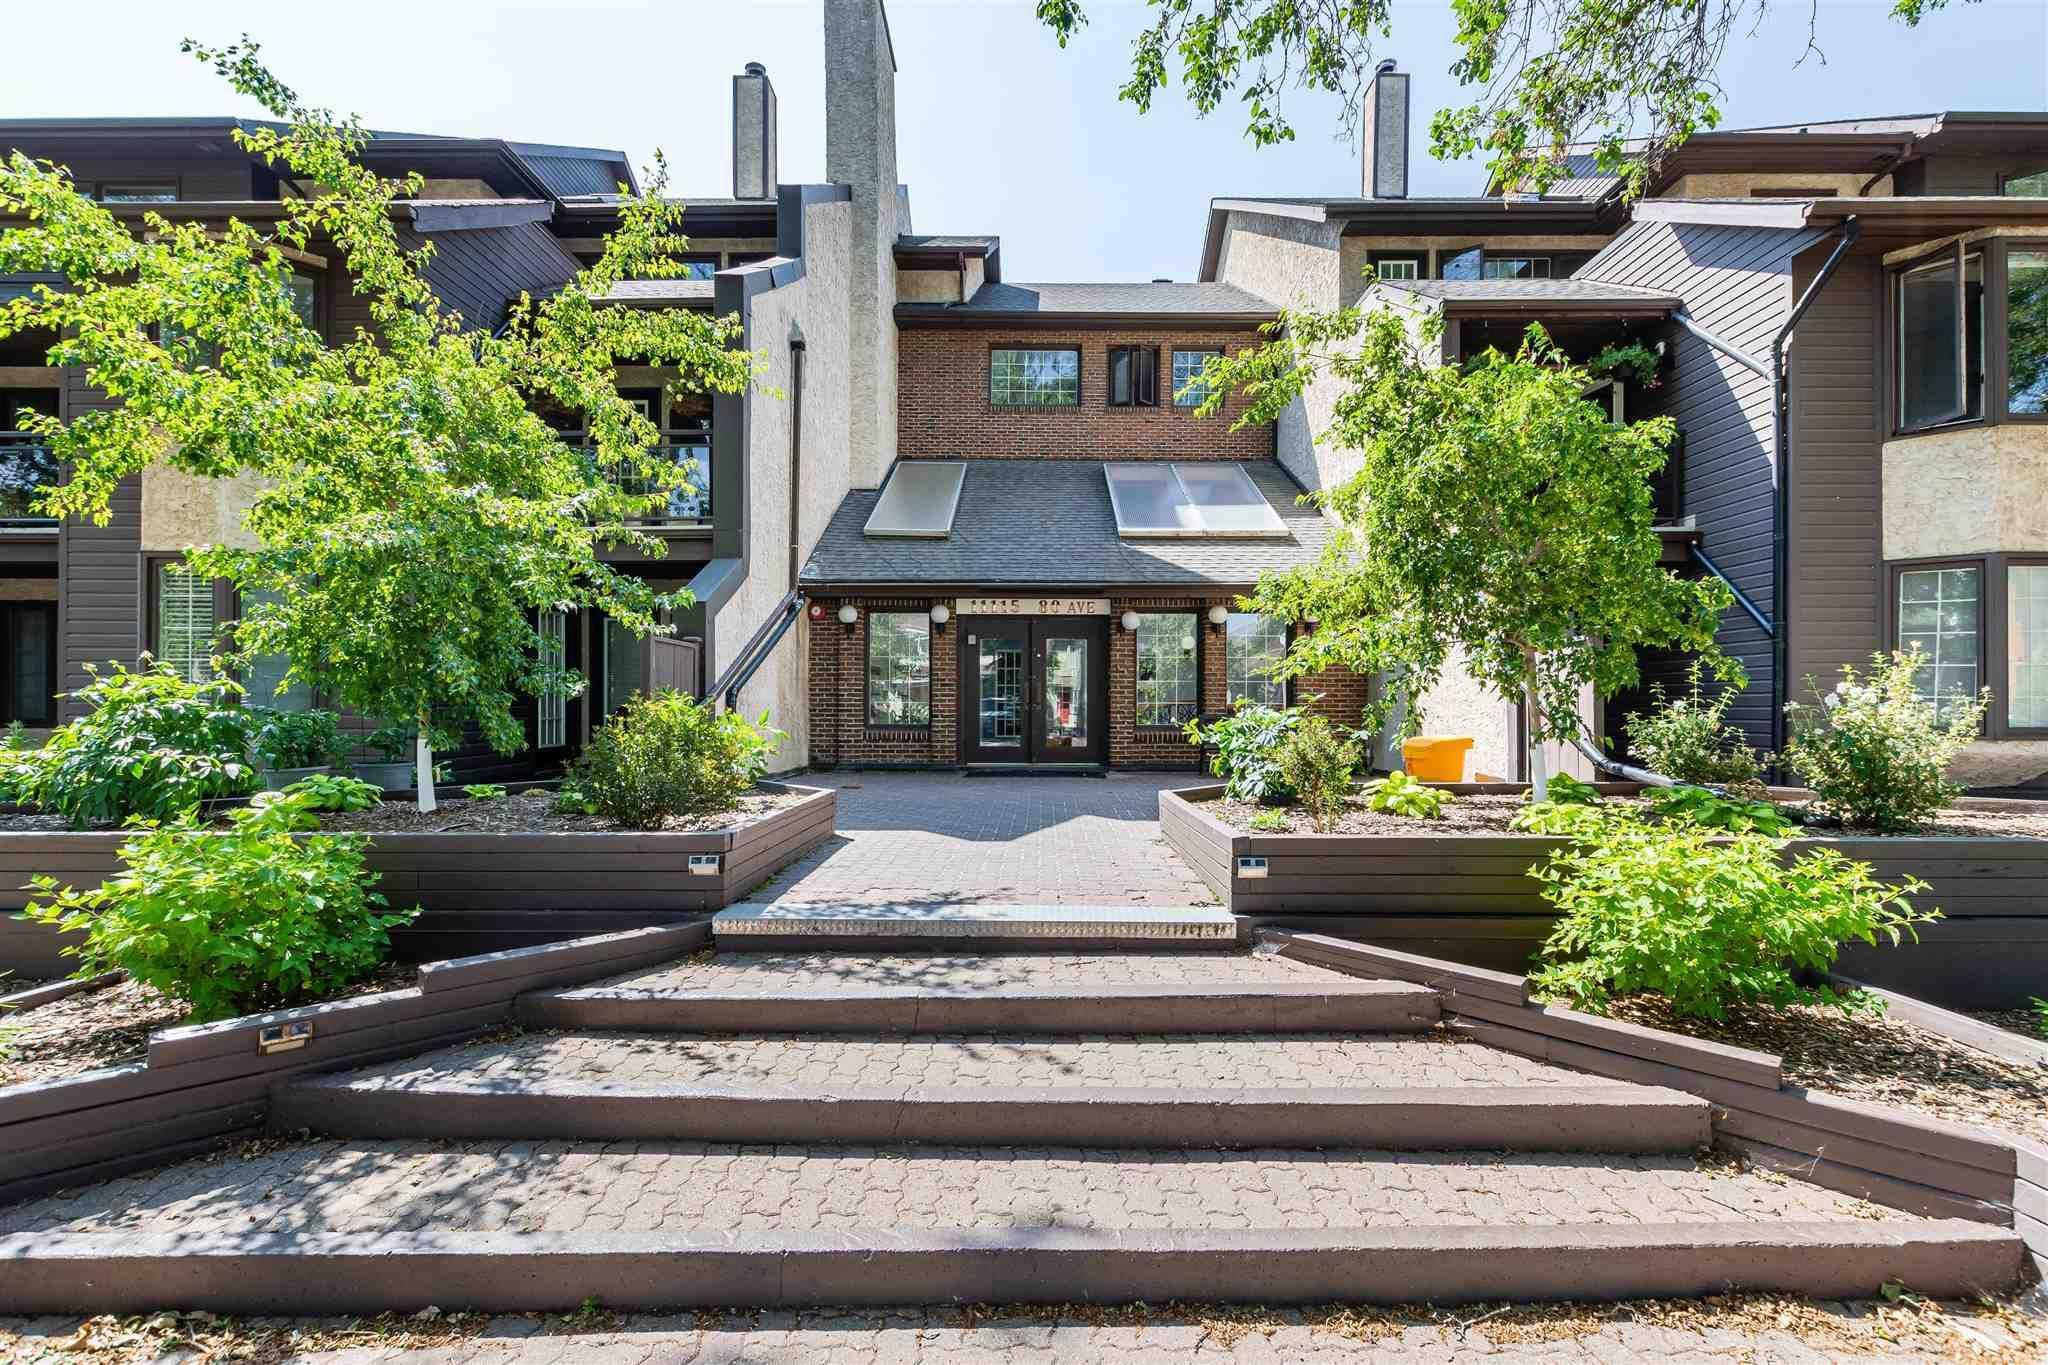 Main Photo: 108 11115 80 Avenue in Edmonton: Zone 15 Condo for sale : MLS®# E4254664